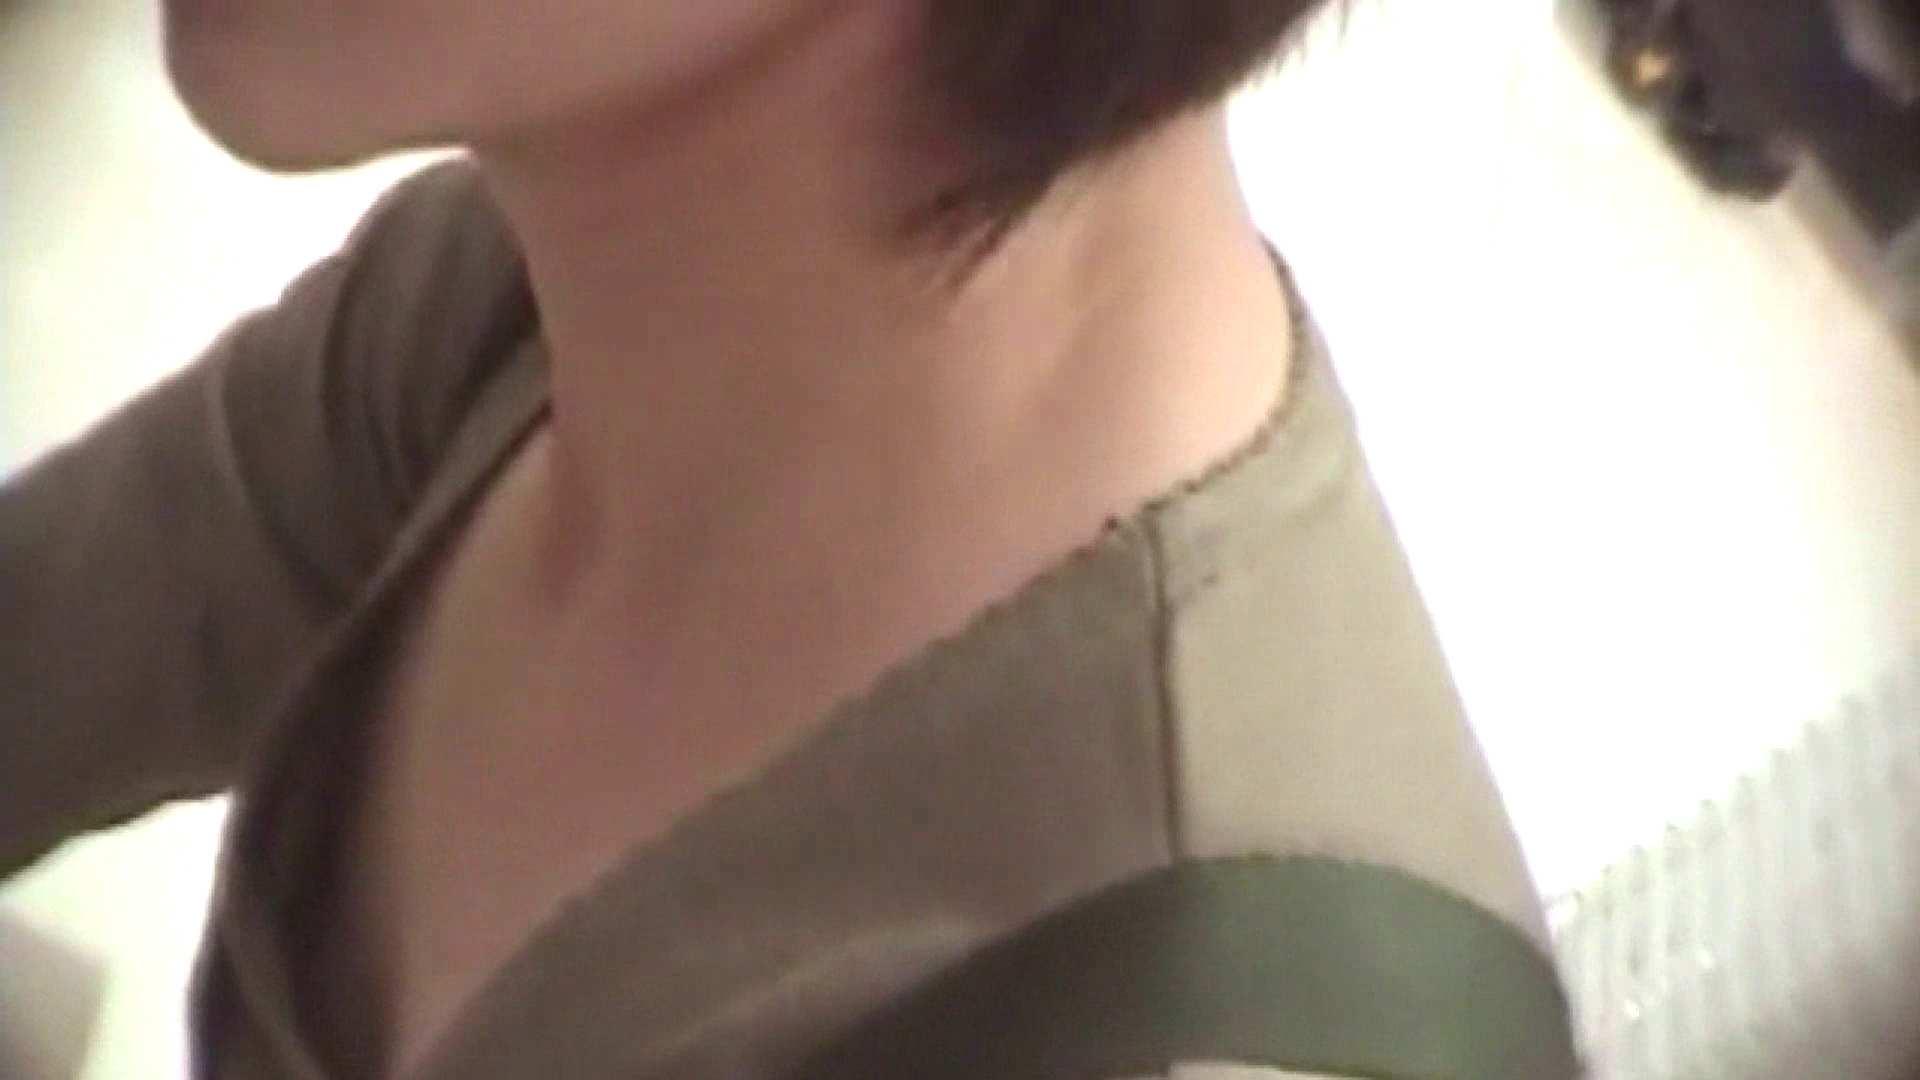 真剣に買い物中のgal達を上から下から狙います。vol.06 フェチ AV動画キャプチャ 102pic 16